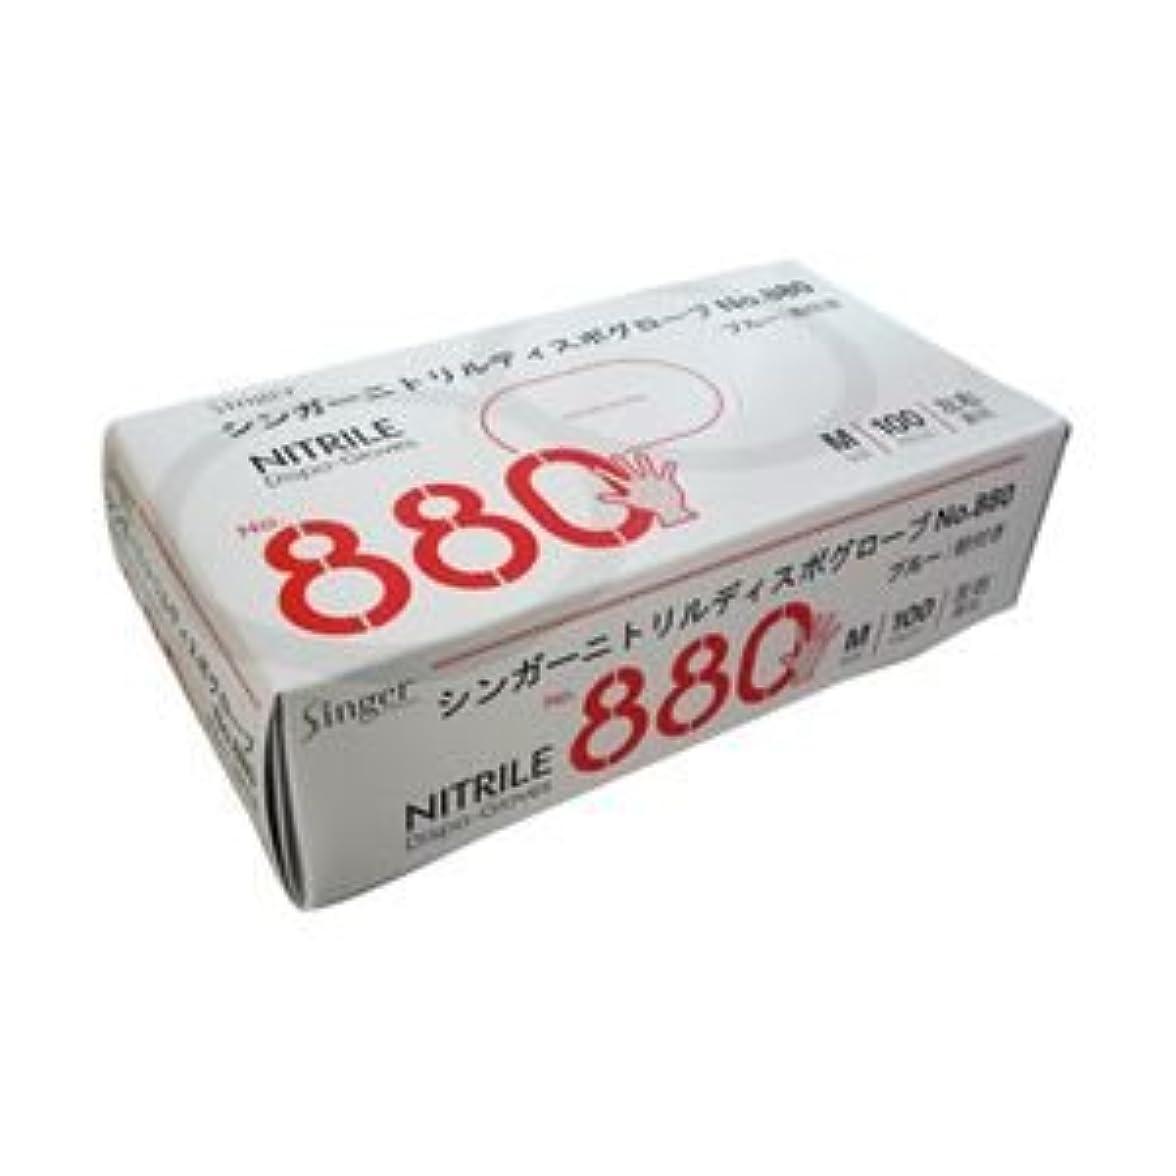 アトラス写真を描くエンターテインメント(業務用セット) ニトリル手袋 粉付き ブルー M 1箱(100枚) 【×5セット】